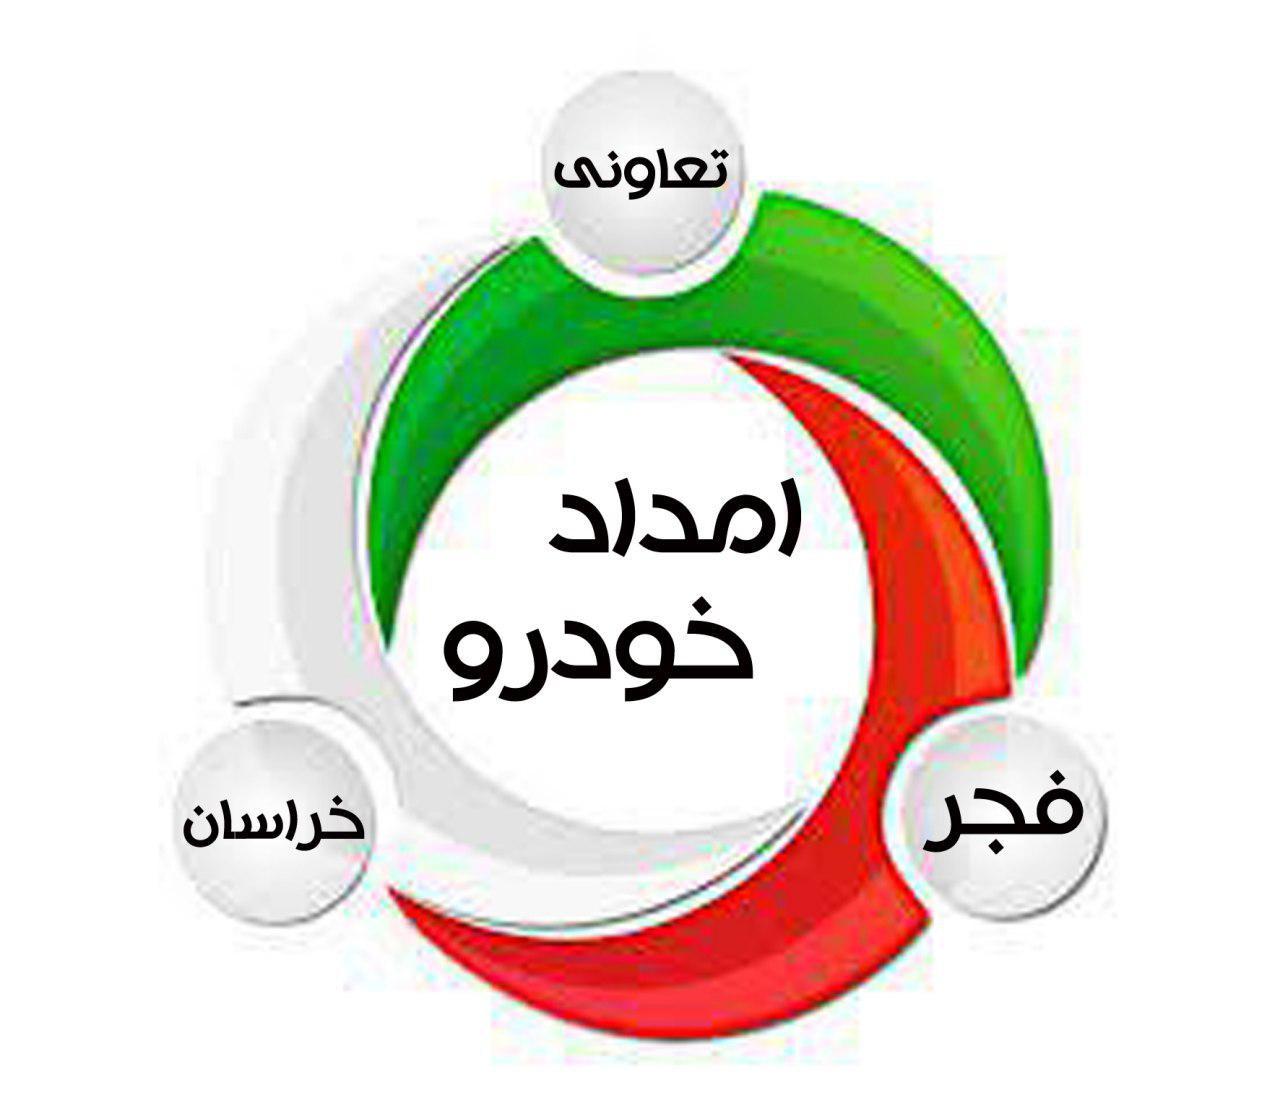 امداد خودرو آیین البرز مشهد شهابی